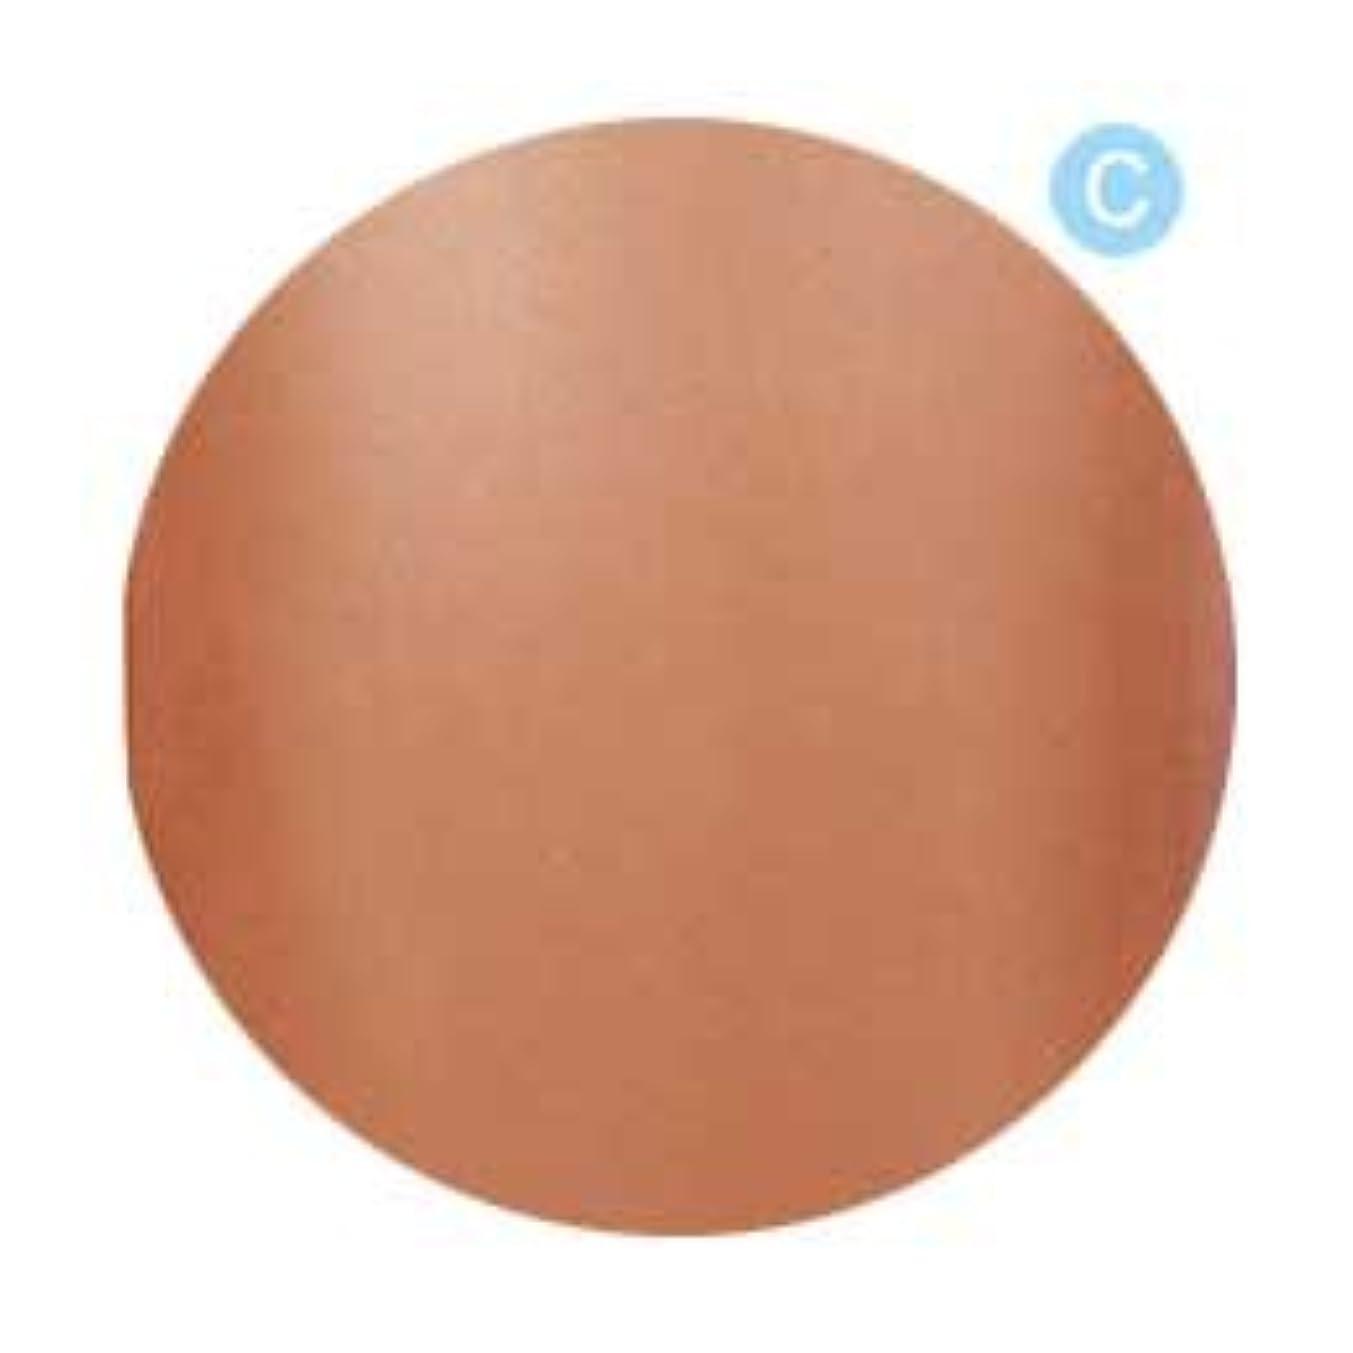 不振ミニチュア砂のPalms Graceful カラージェル 3g 021 クリアブラウン